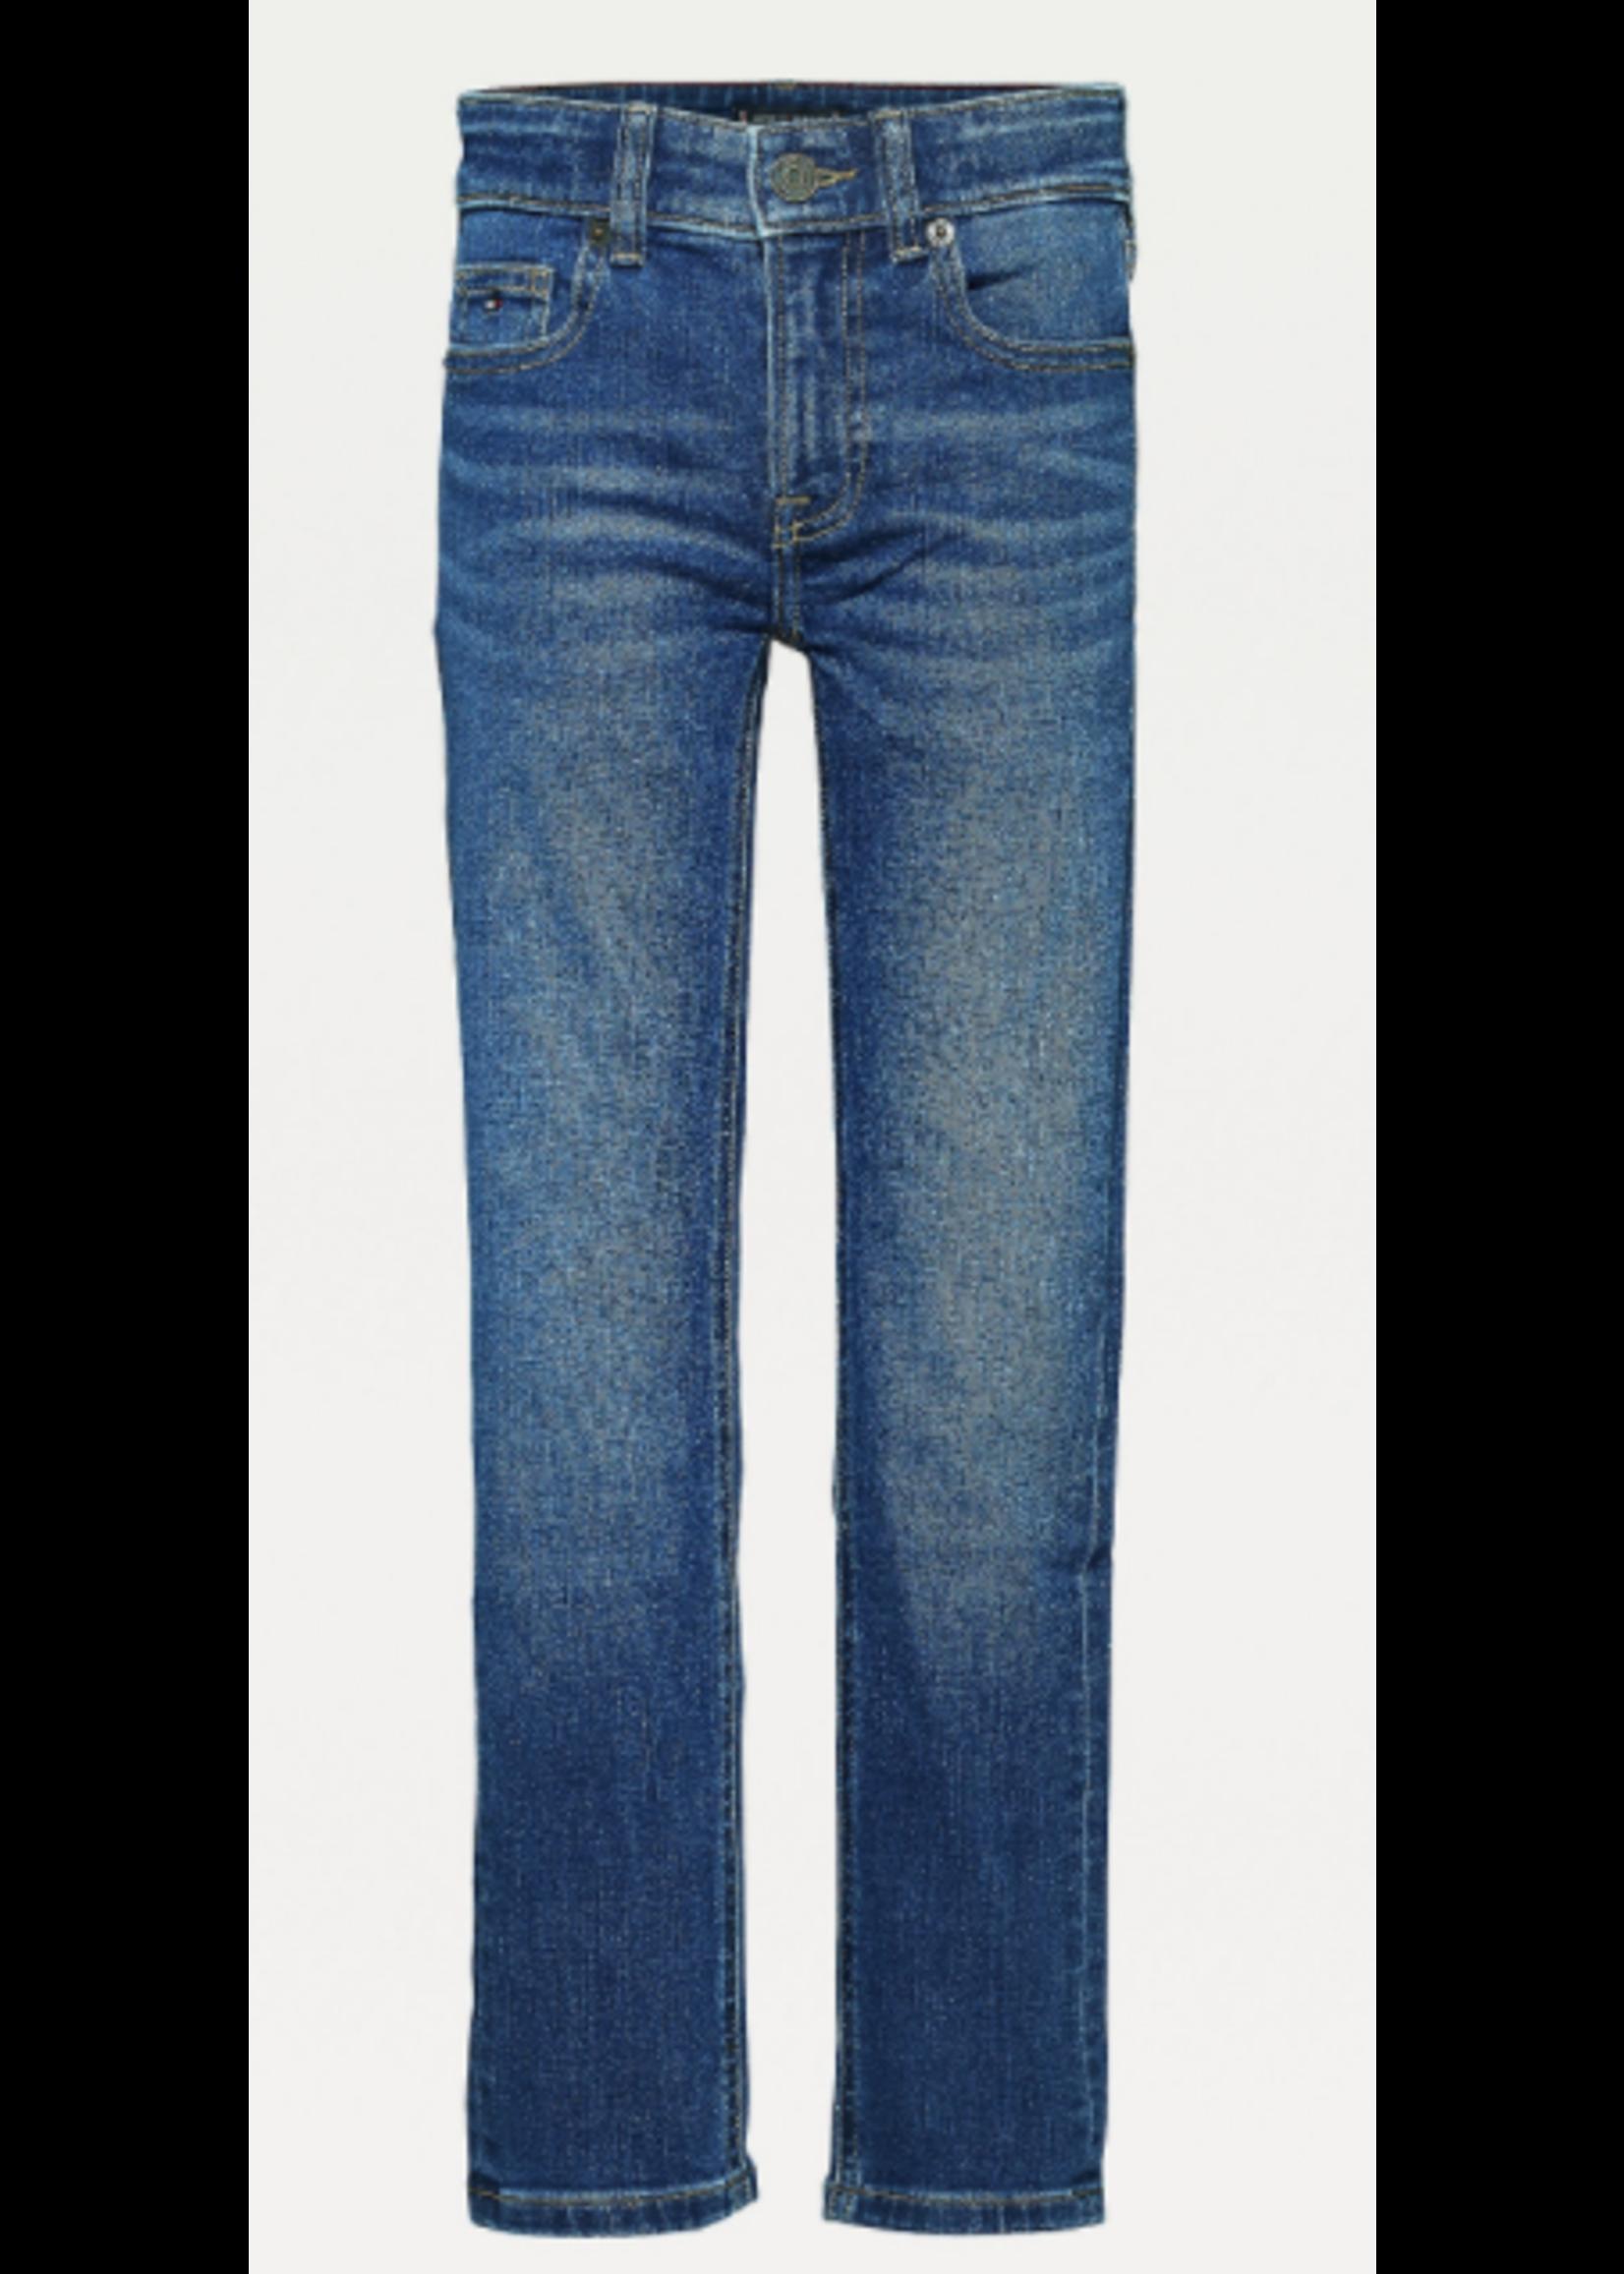 TOMMY HILFIGER TOMMY HILFIGER Jeans Scanton slim fit